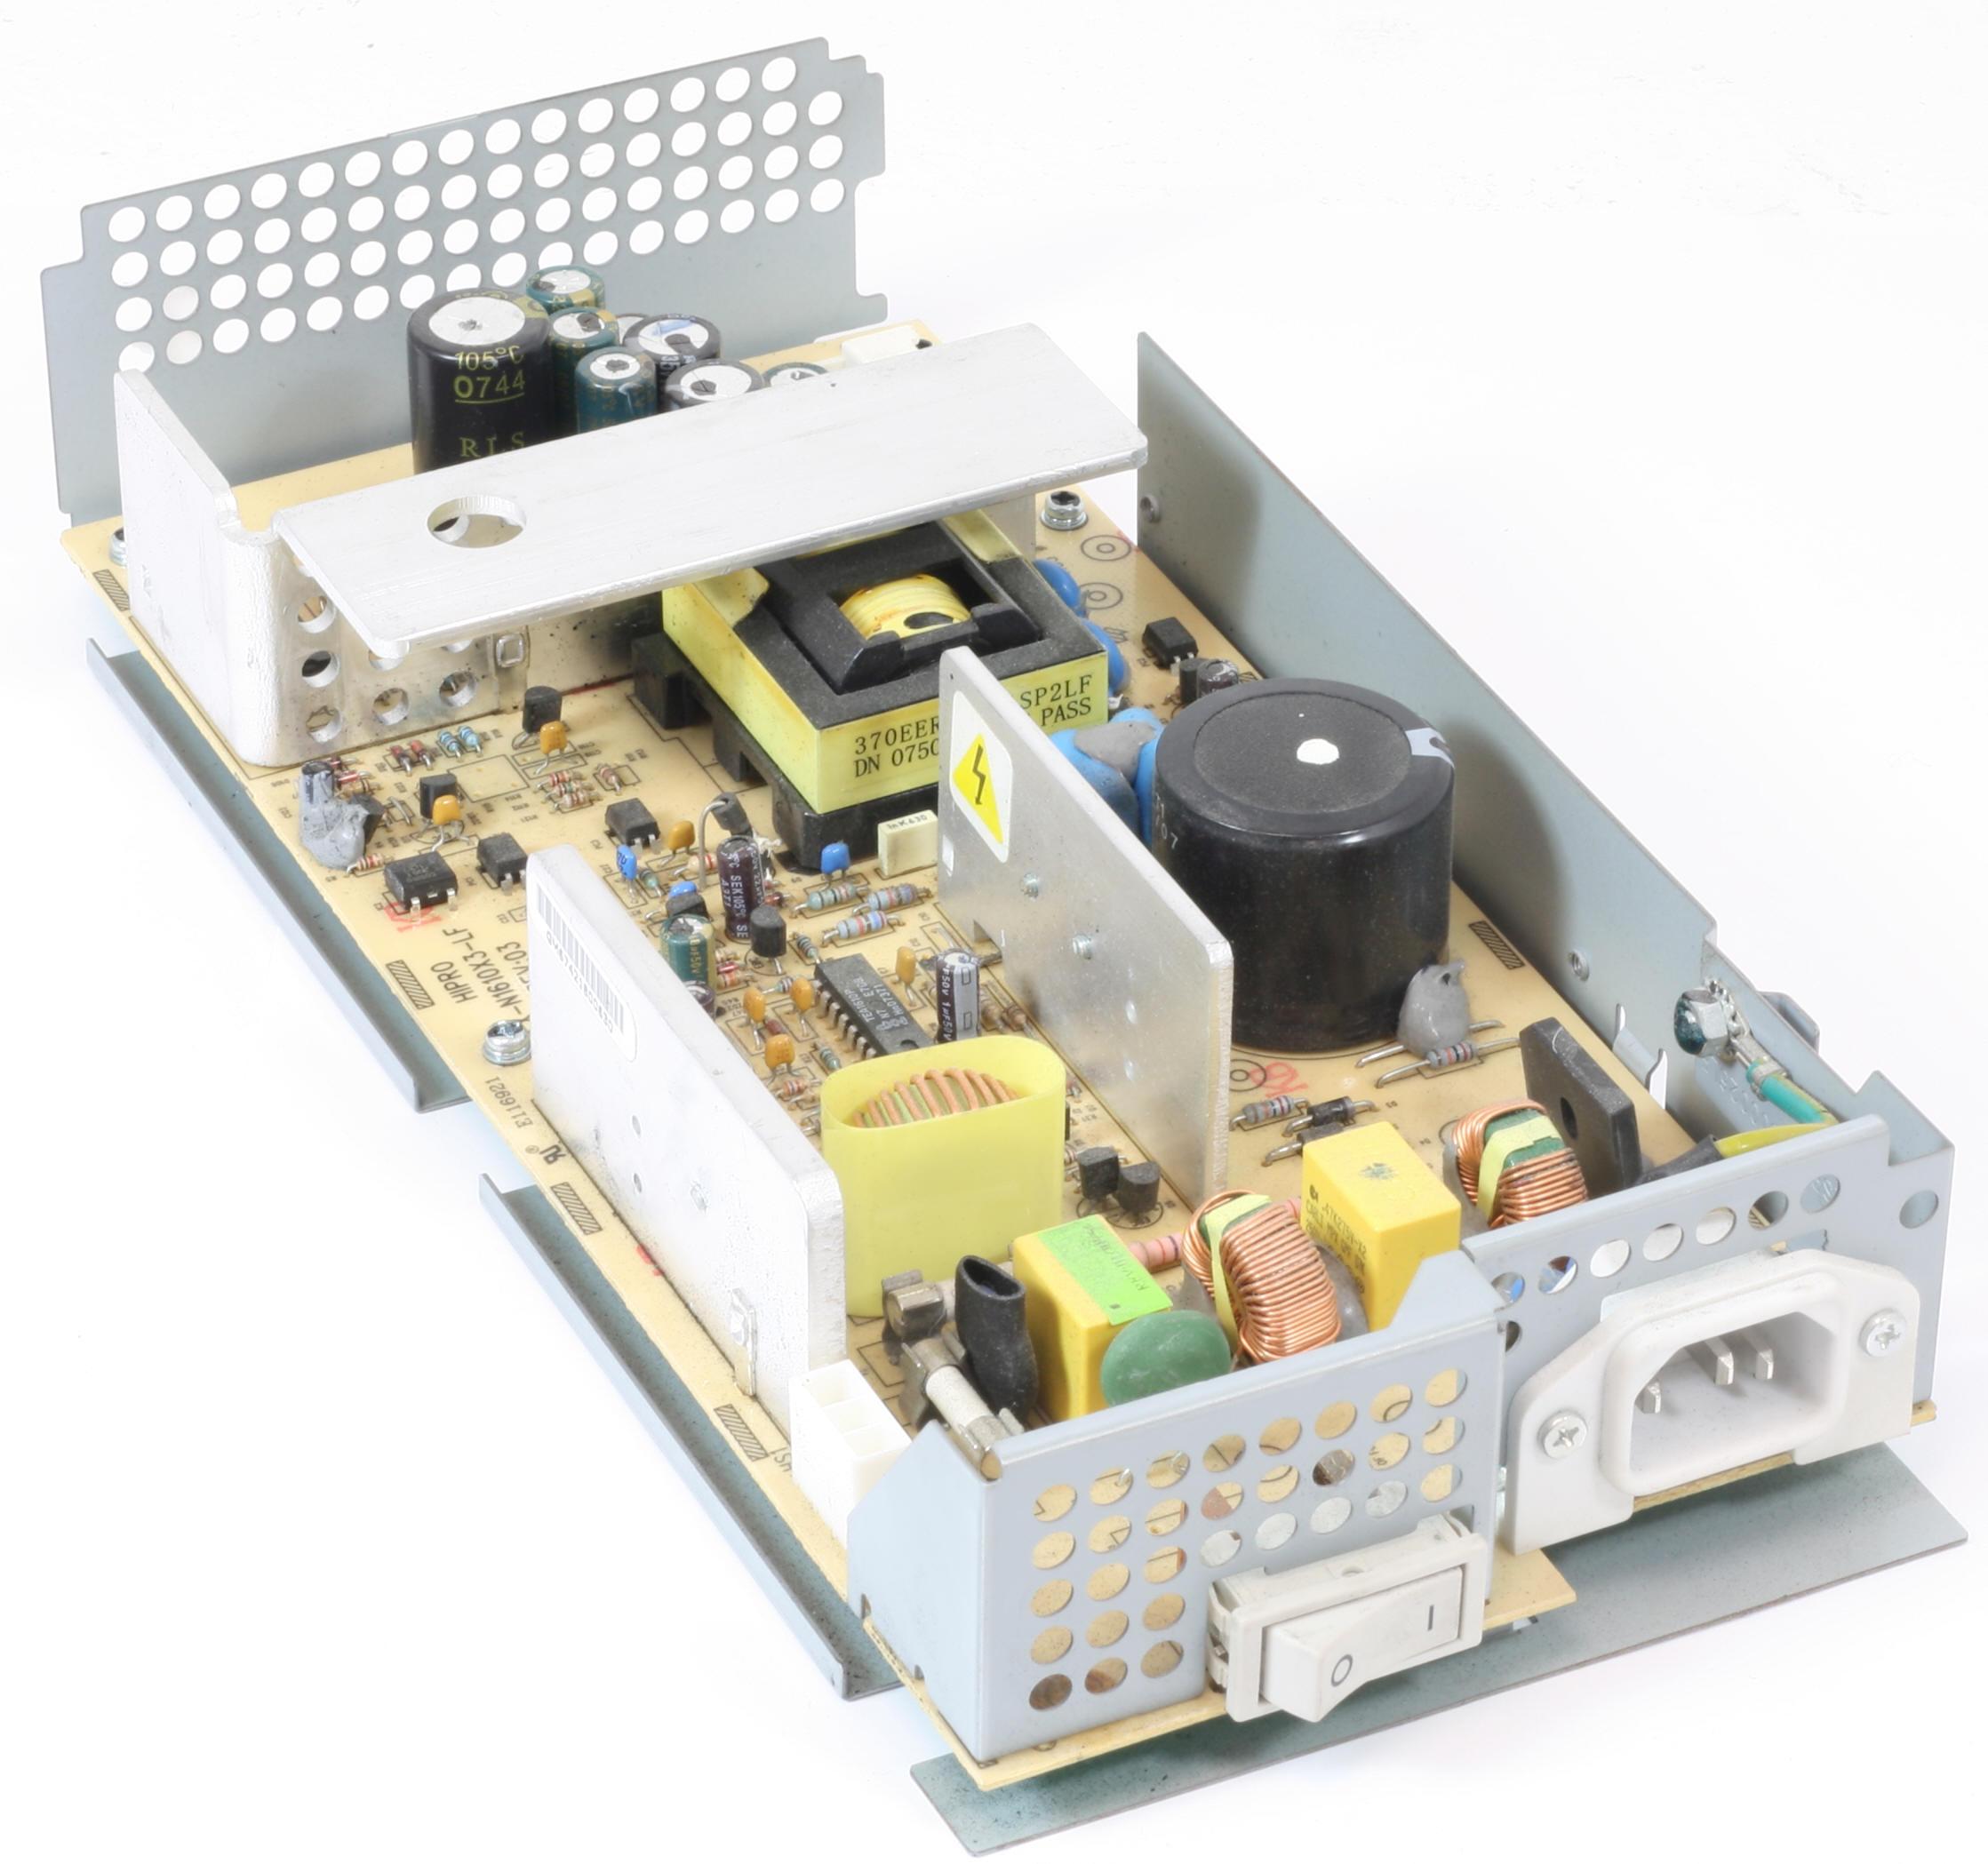 Lexmark Netzteil 40X4273 POWER SUPPLY 20G1326 für T640 T642 T644 gebraucht